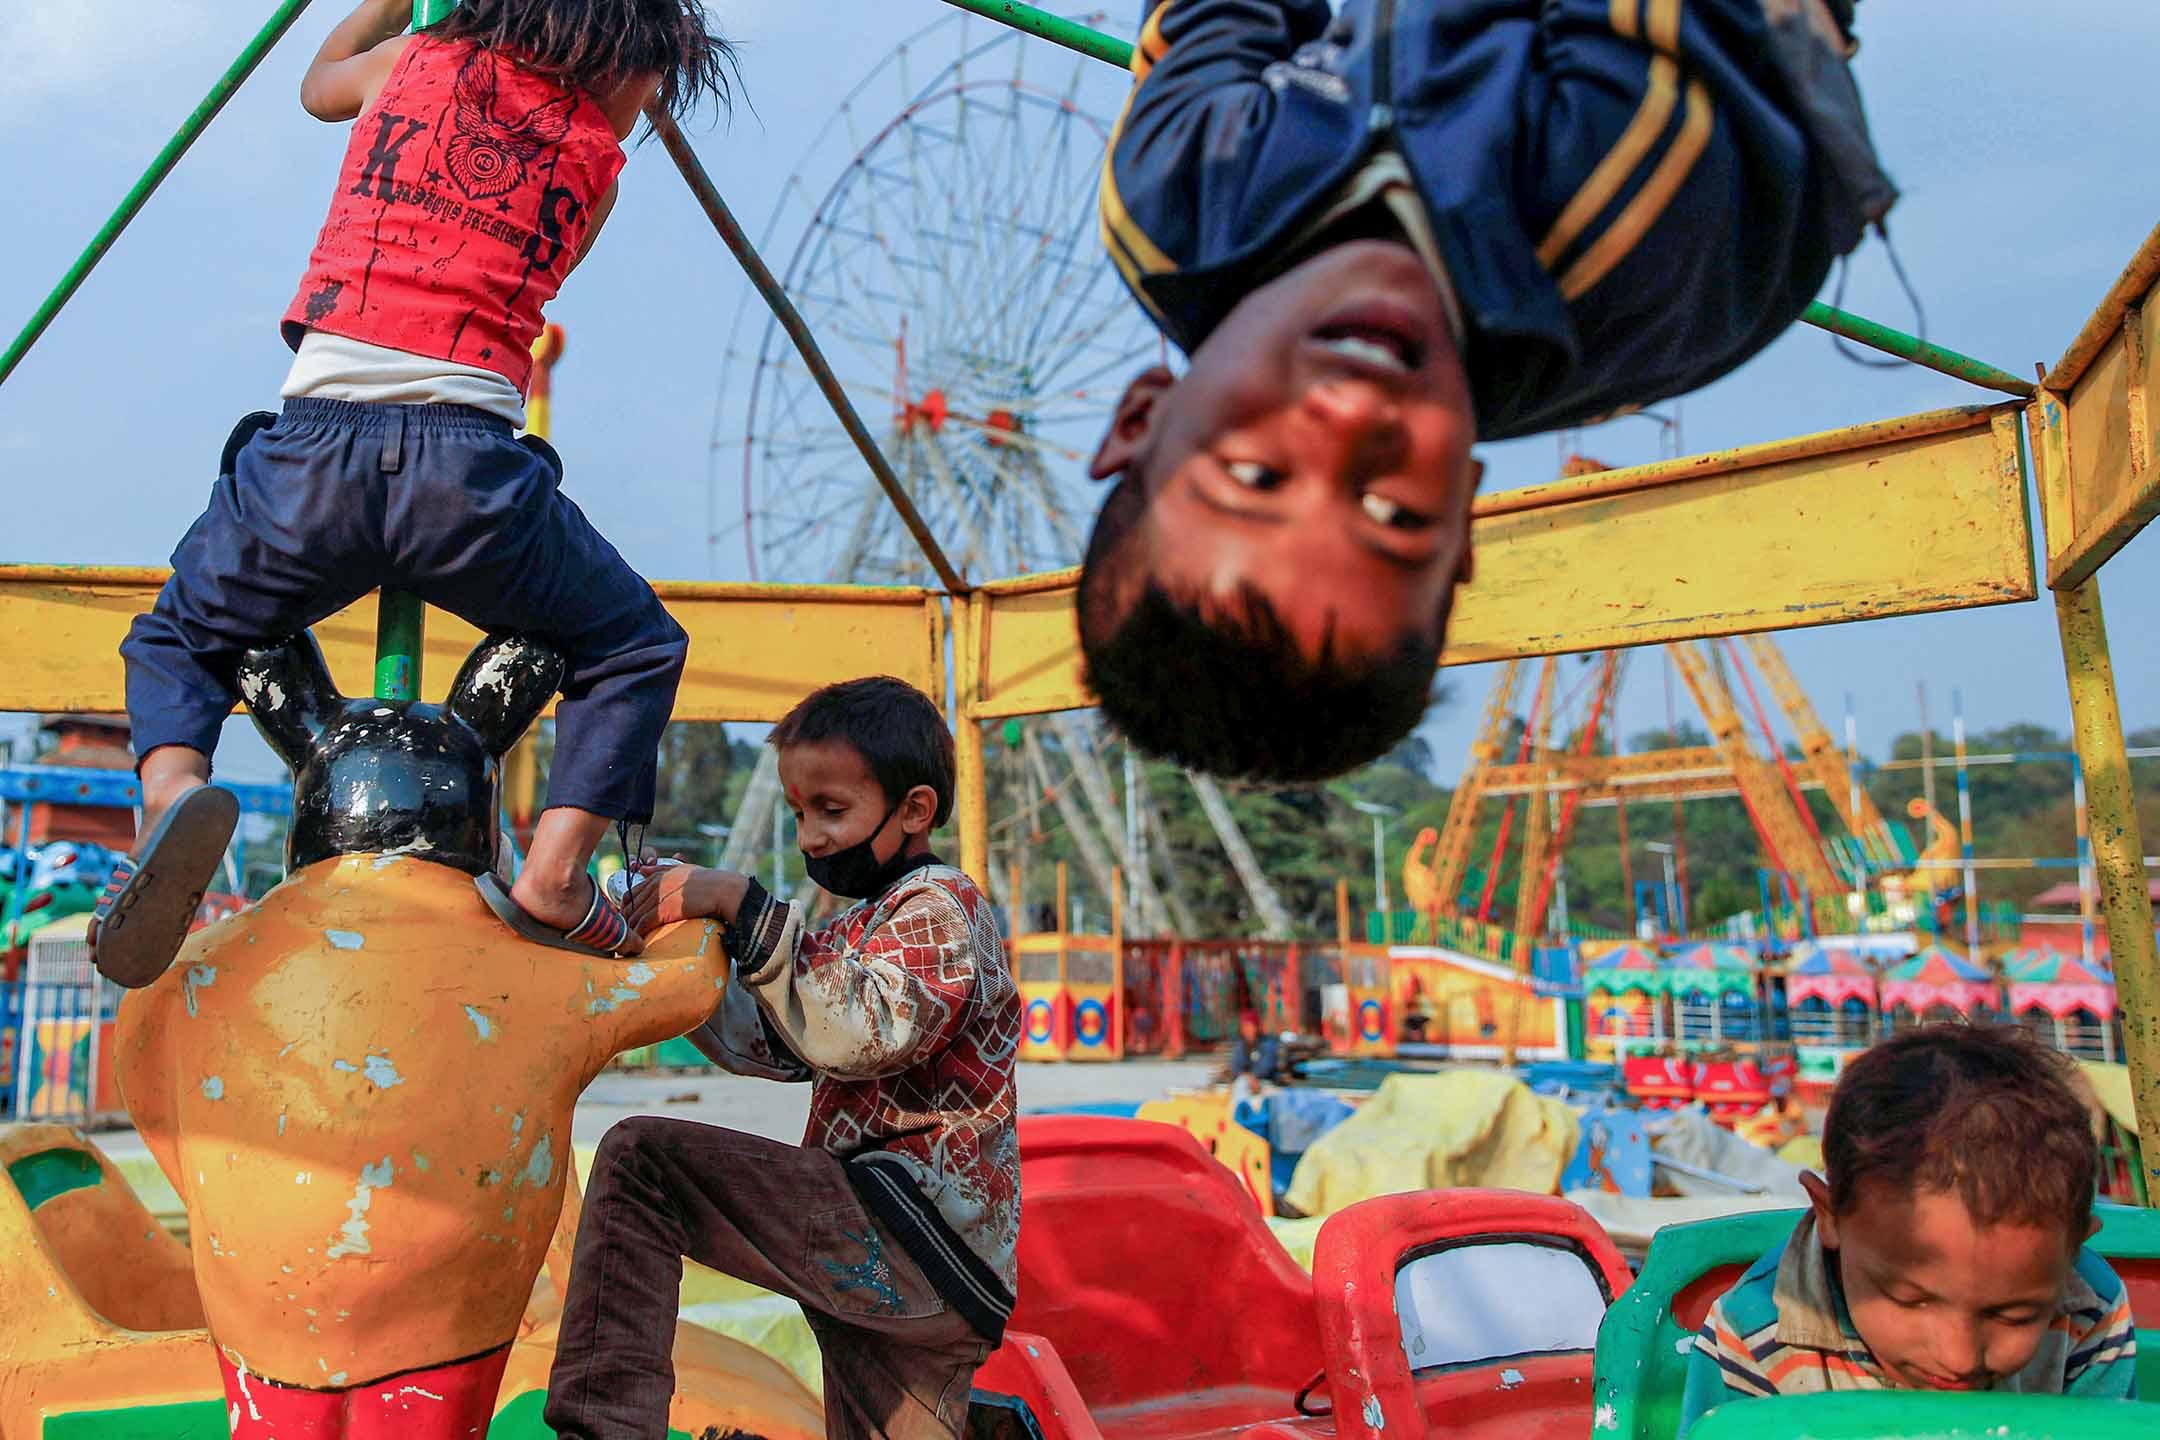 2020年4月5日尼泊爾加德滿都,孩子們在封閉的遊樂園裡玩耍。 攝:Navesh Chitrakar/Reuters/達志影像